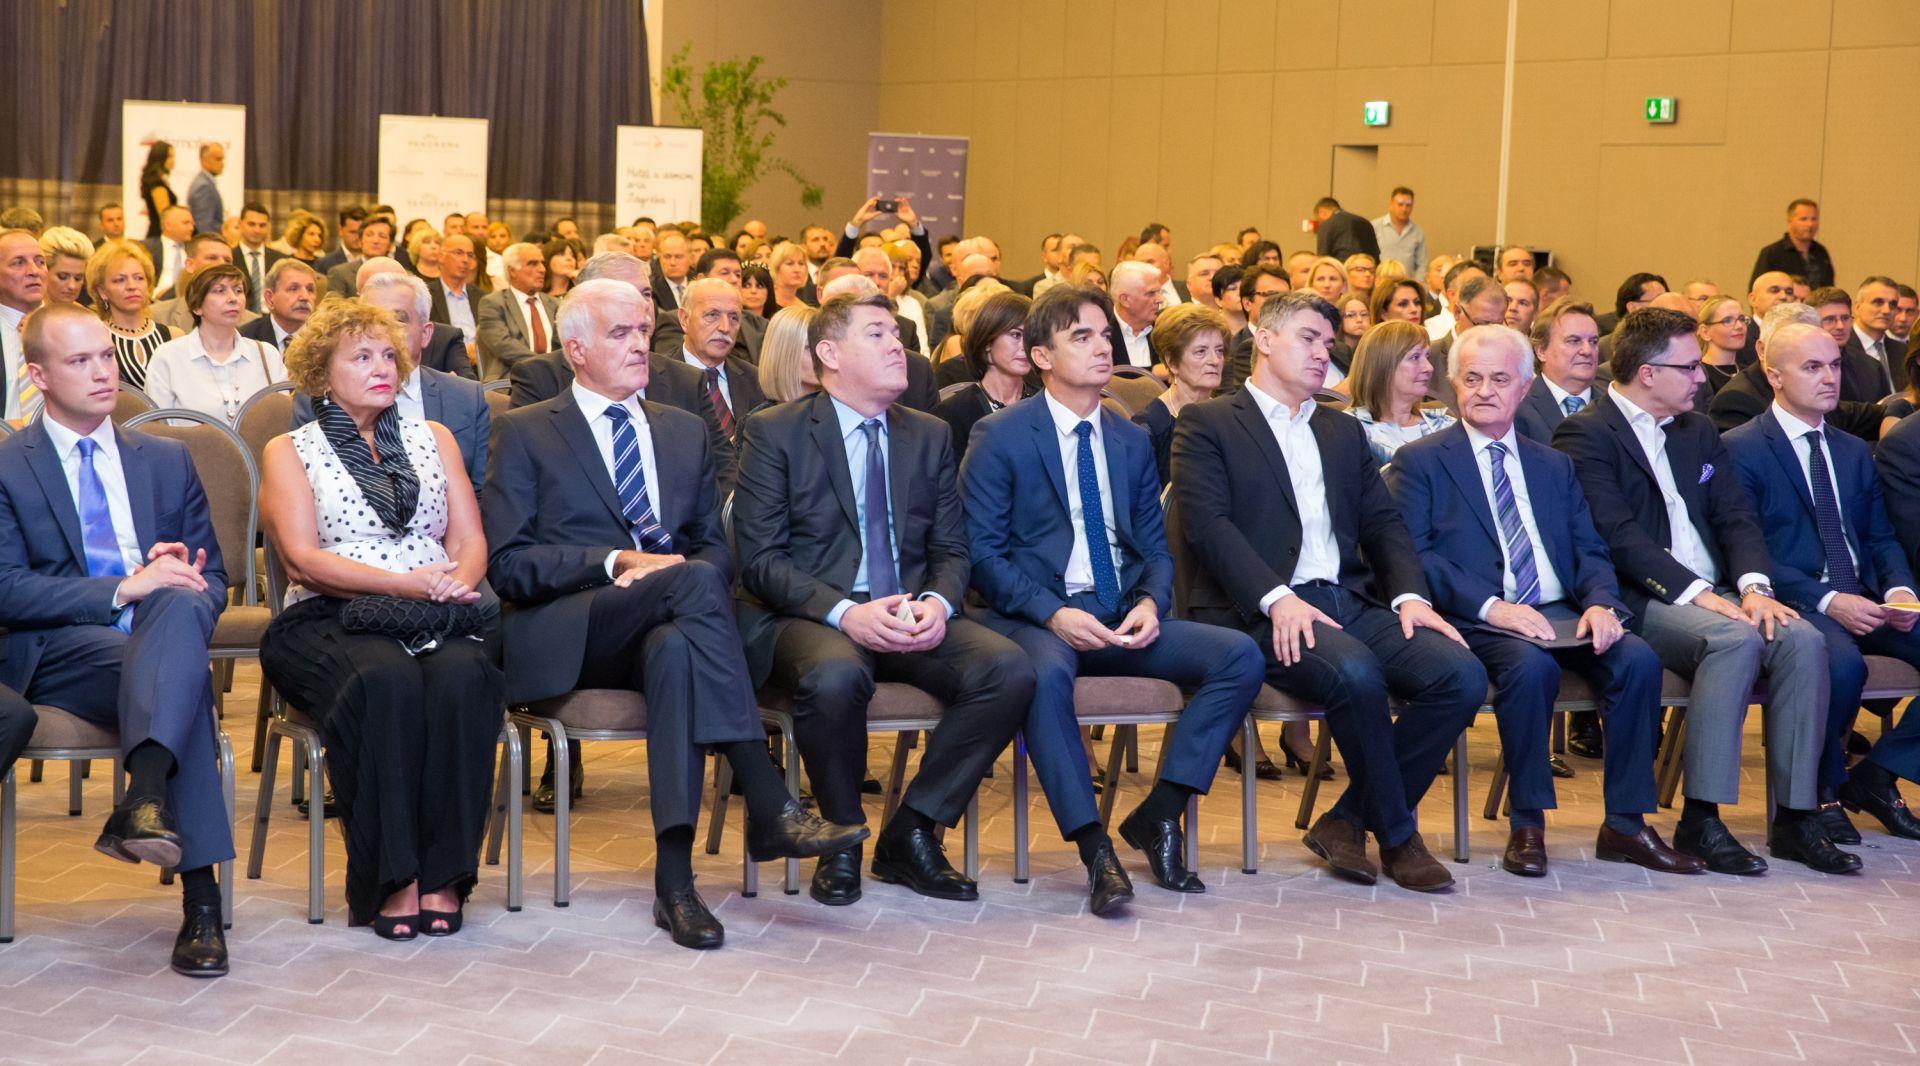 FOTO: Premijer i tri ministra na svečanom otvorenju hotela Sheraton u Župi dubrovačkoj